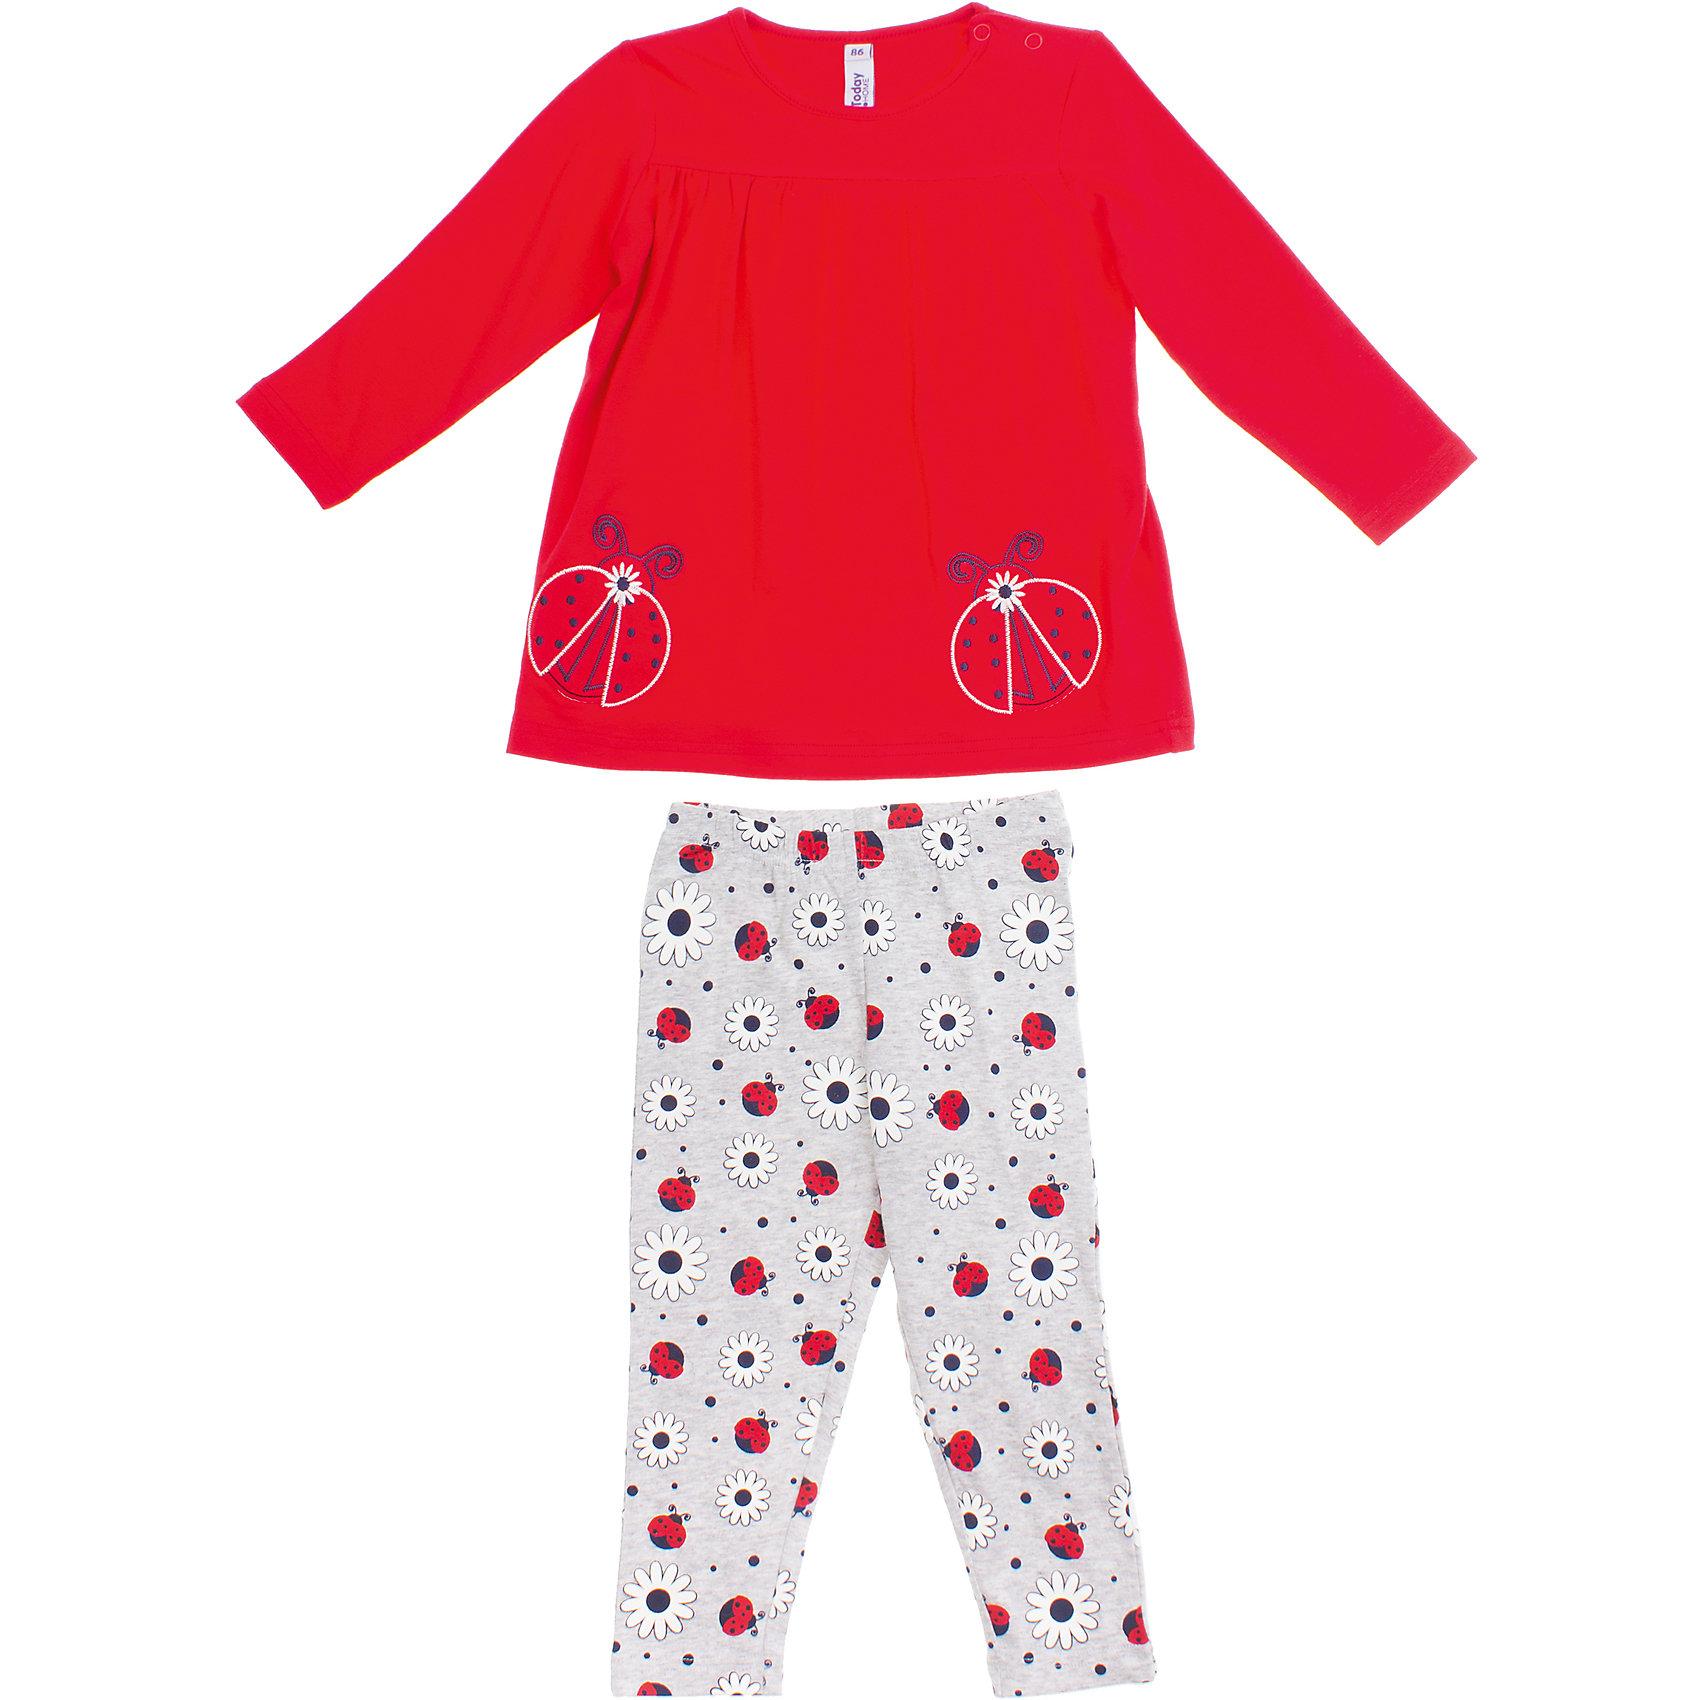 Комплект: футболка и леггинсы для девочки PlayTodayКомплекты<br>Комплект: футболка и леггинсы для девочки PlayToday <br><br>Состав: 95% хлопок, 5% эластан <br><br>Футболка:<br>Застежки-кнопки на плече<br>Украшена аппликацией и вышивкой с божьими коровками<br>Удлиненная модель<br>Брюки:<br>Ткань в набивку с бодьими коровками и ромашками<br>Цвет - серый меланж<br>Пояс на резинке<br><br>Ширина мм: 199<br>Глубина мм: 10<br>Высота мм: 161<br>Вес г: 151<br>Цвет: красный<br>Возраст от месяцев: 9<br>Возраст до месяцев: 12<br>Пол: Женский<br>Возраст: Детский<br>Размер: 74,80,92,86<br>SKU: 4503155